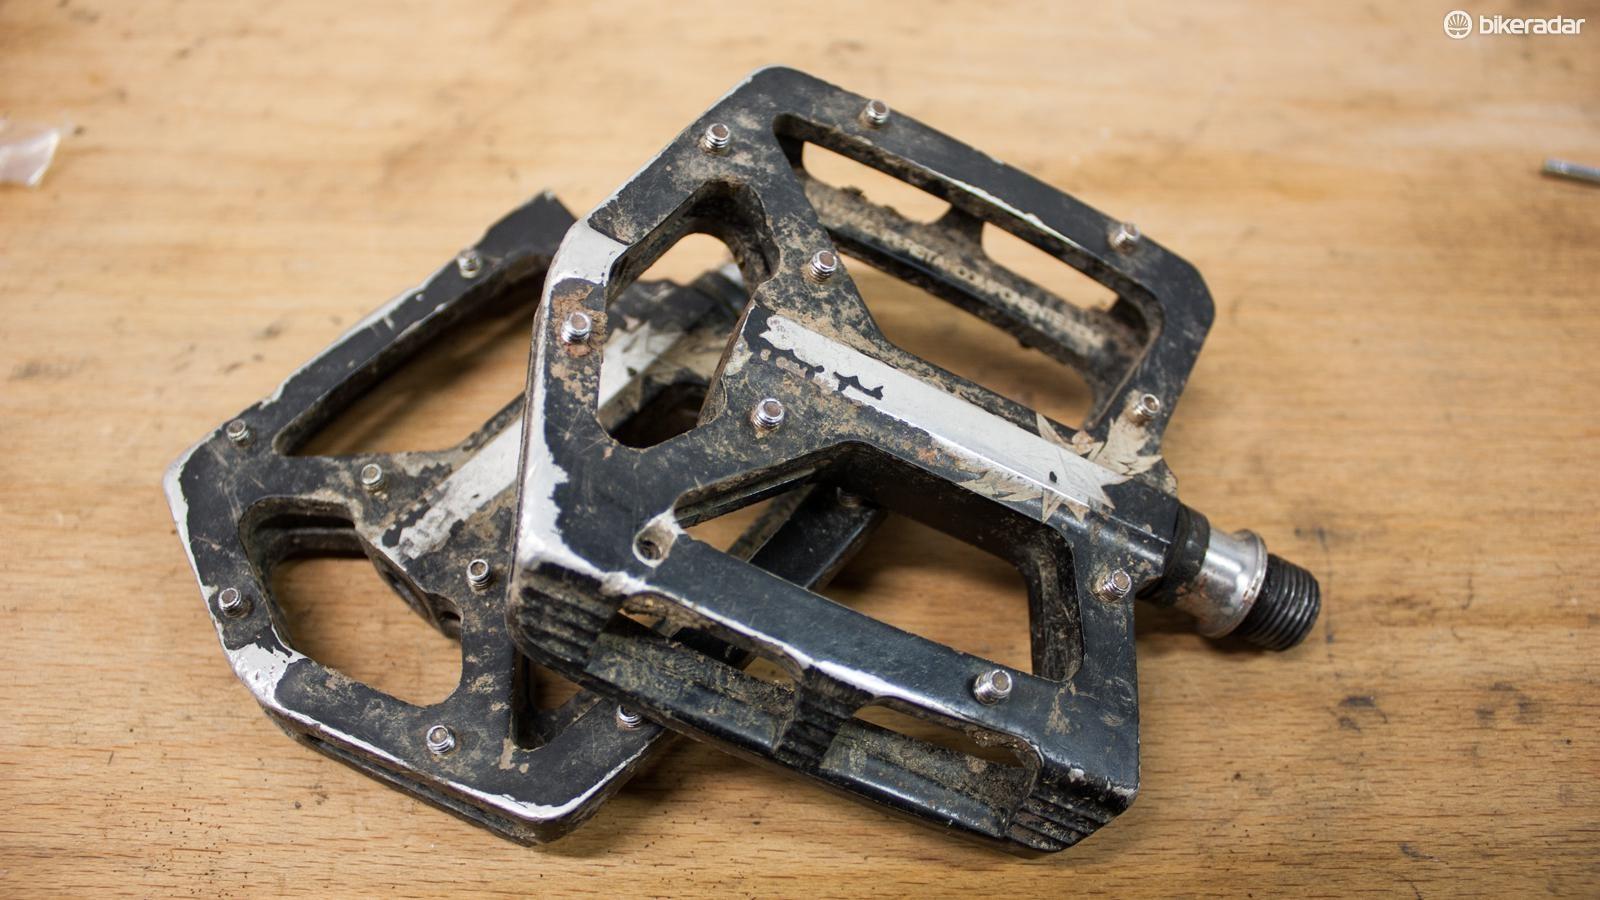 Superstar CNC Nano Tech pedals